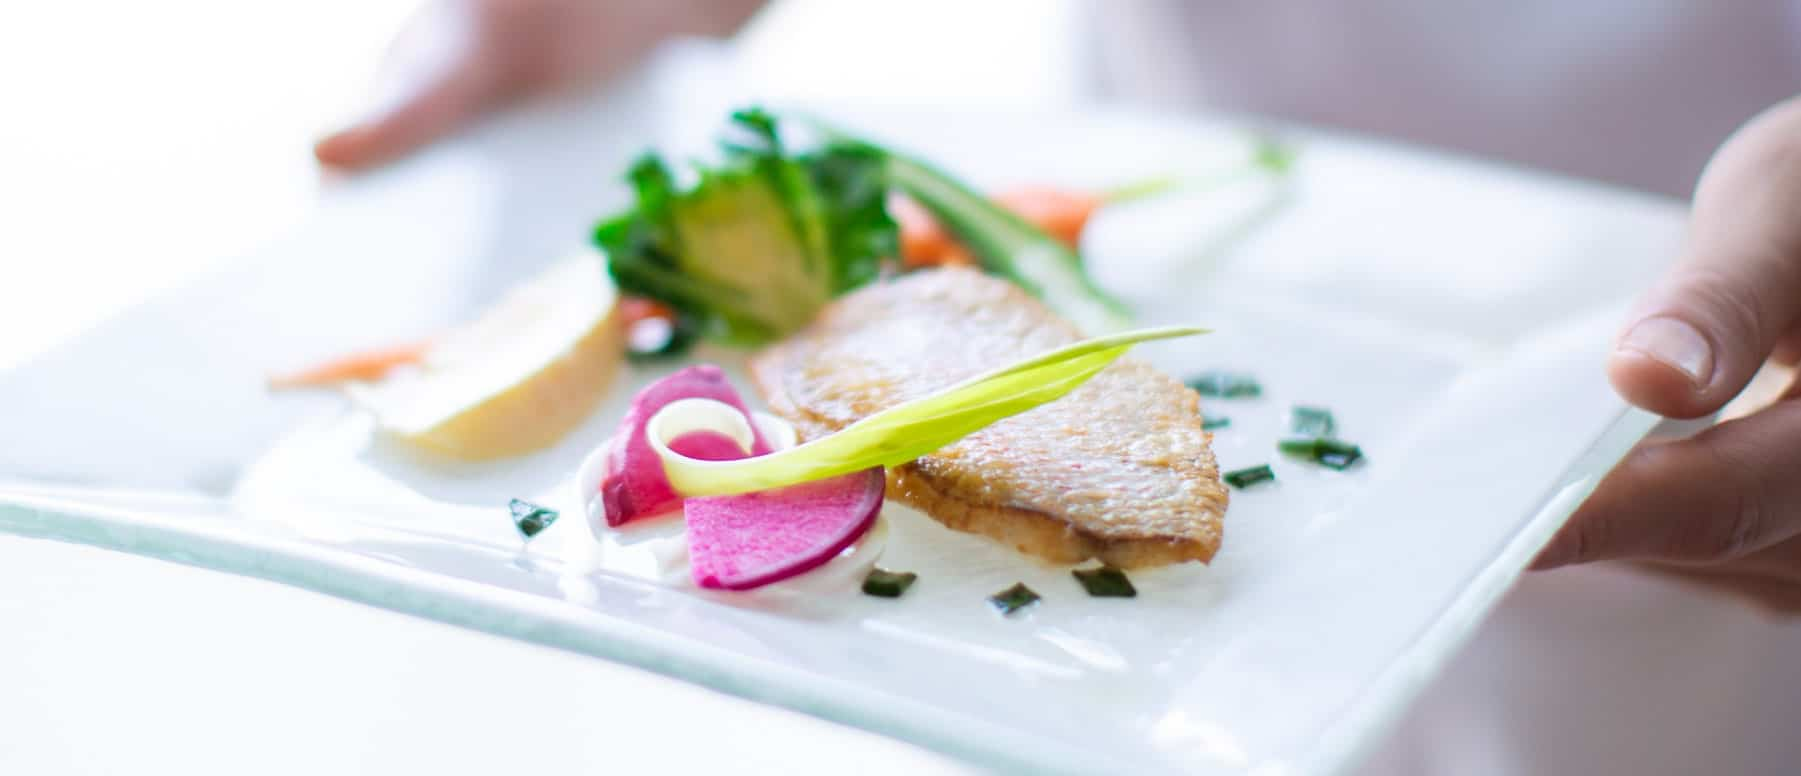 ザ マグリット | 岡山県岡山市の結婚式場・パーティーウェディング・おもてなしウェディング マグリット ウェディング 料理 ケーキ